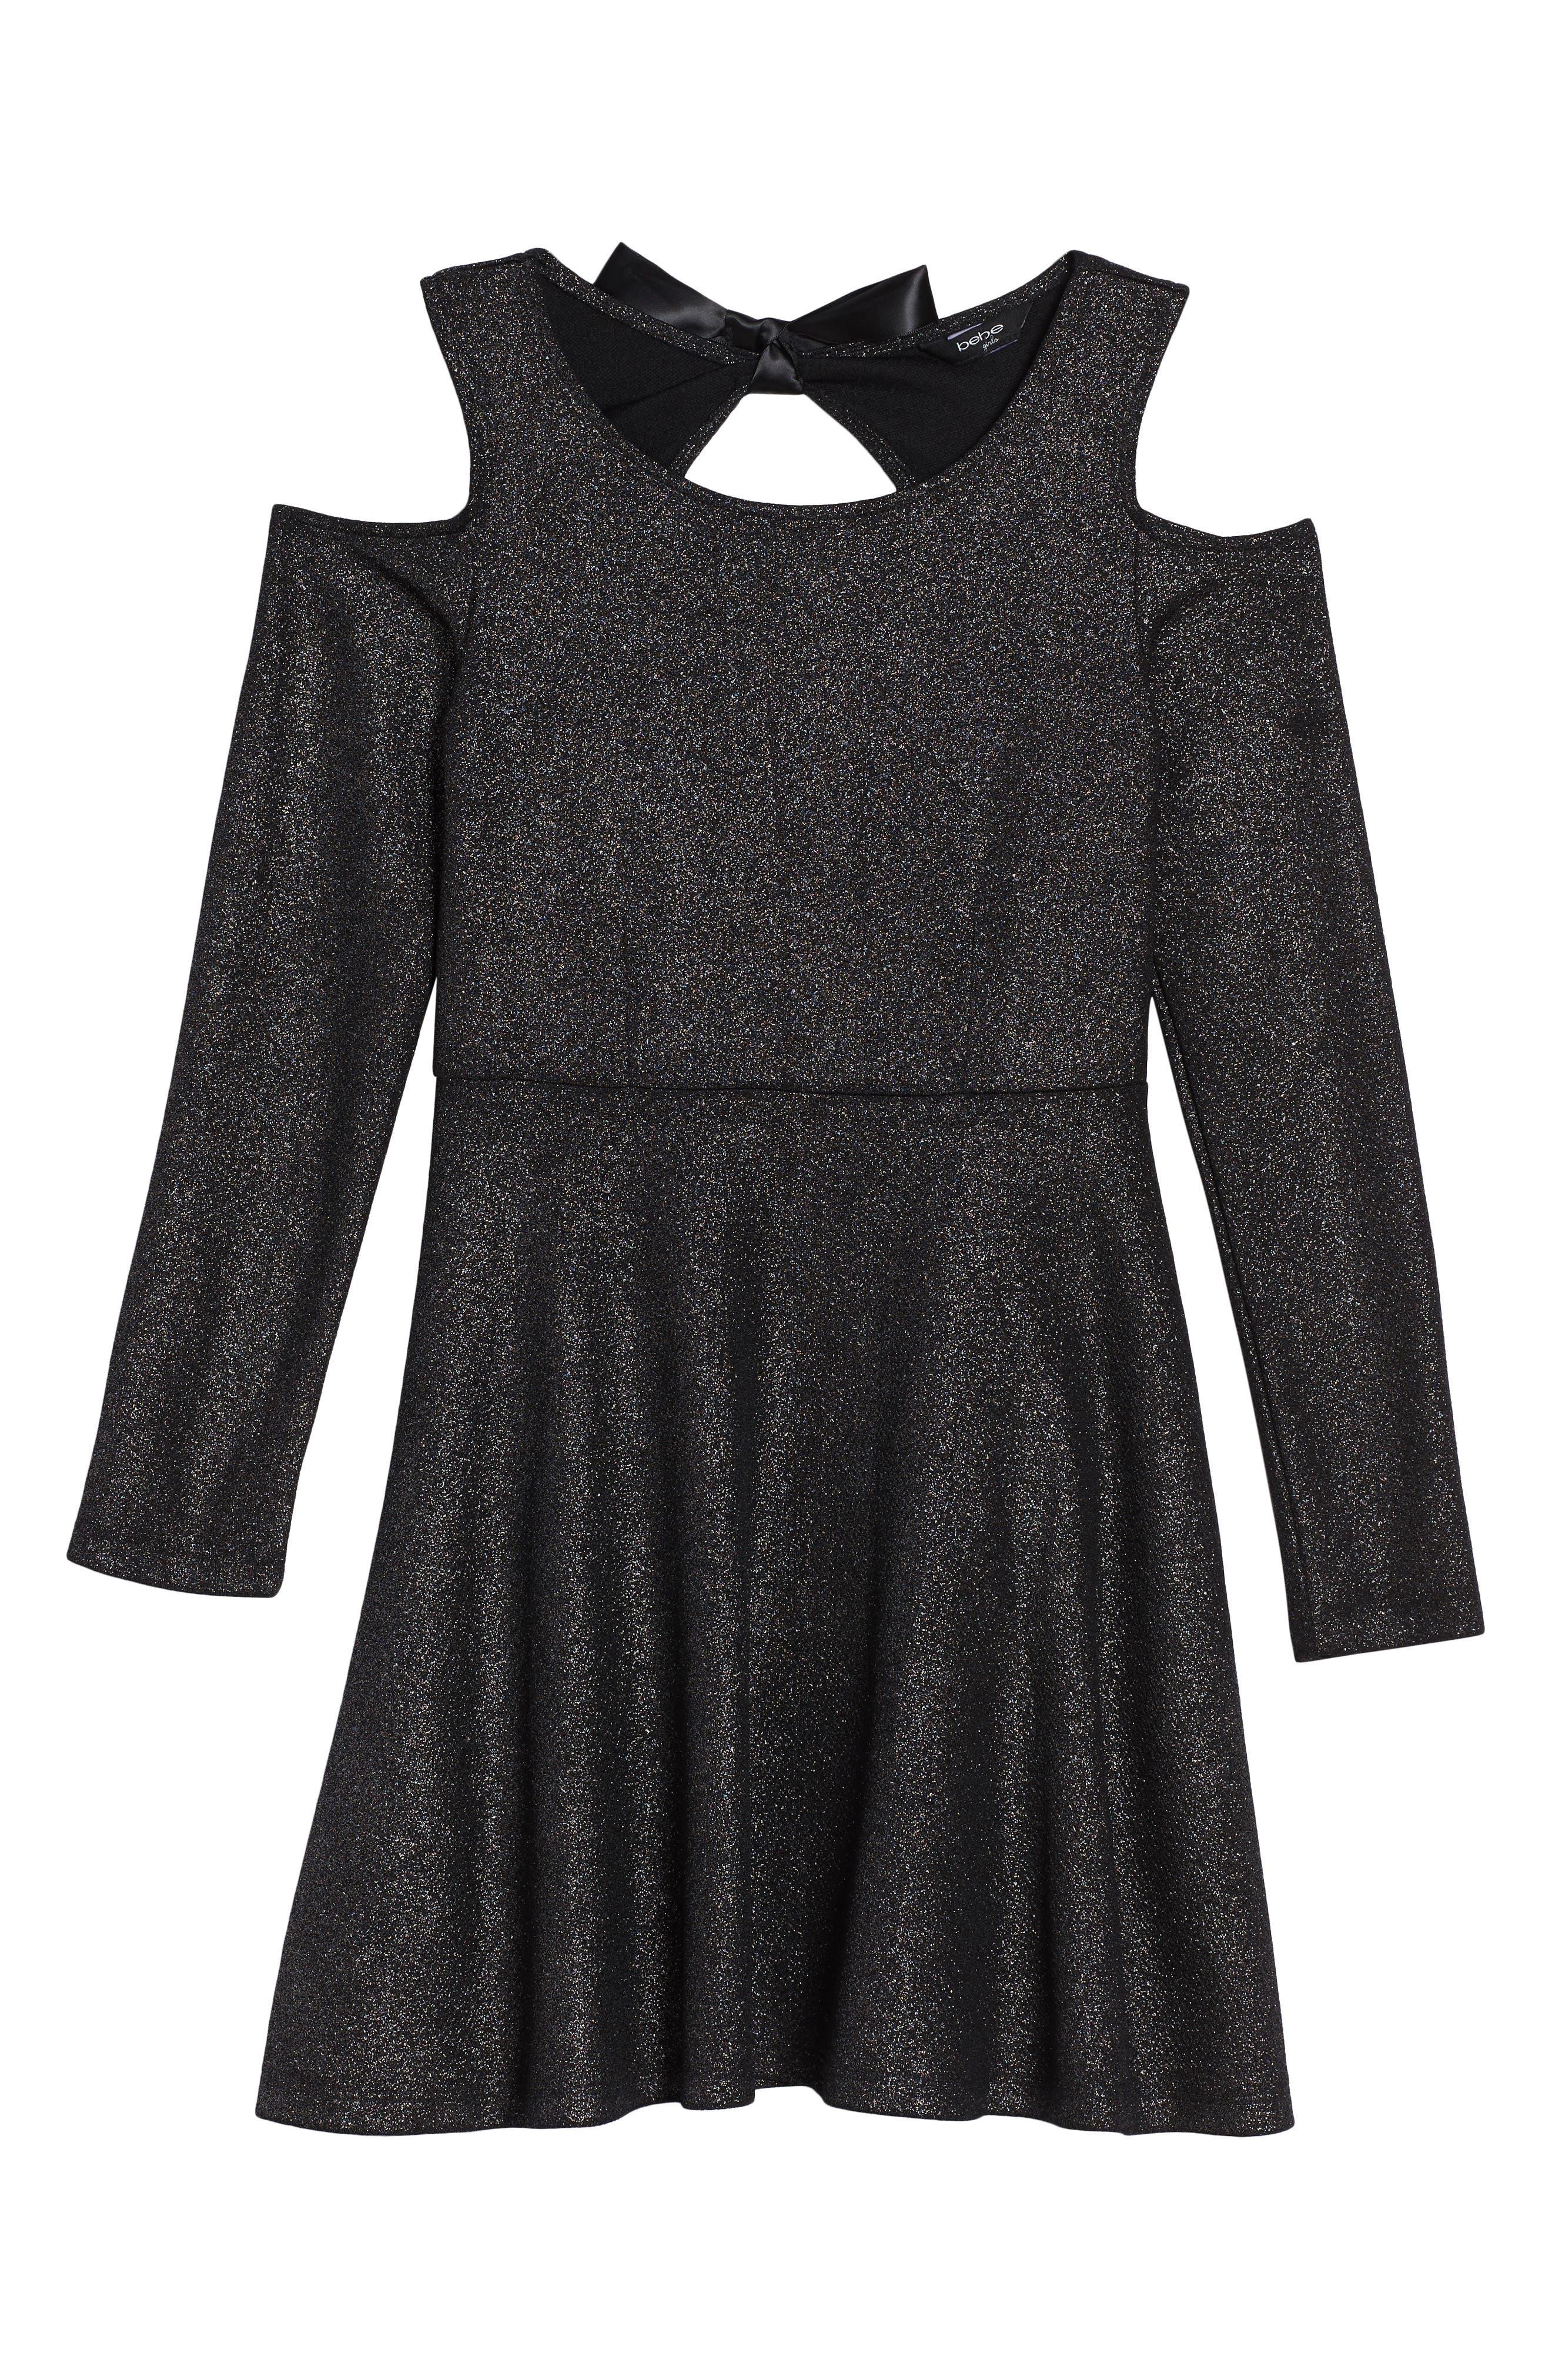 Sparkle Knit Cold Shoulder Dress,                             Main thumbnail 1, color,                             Black